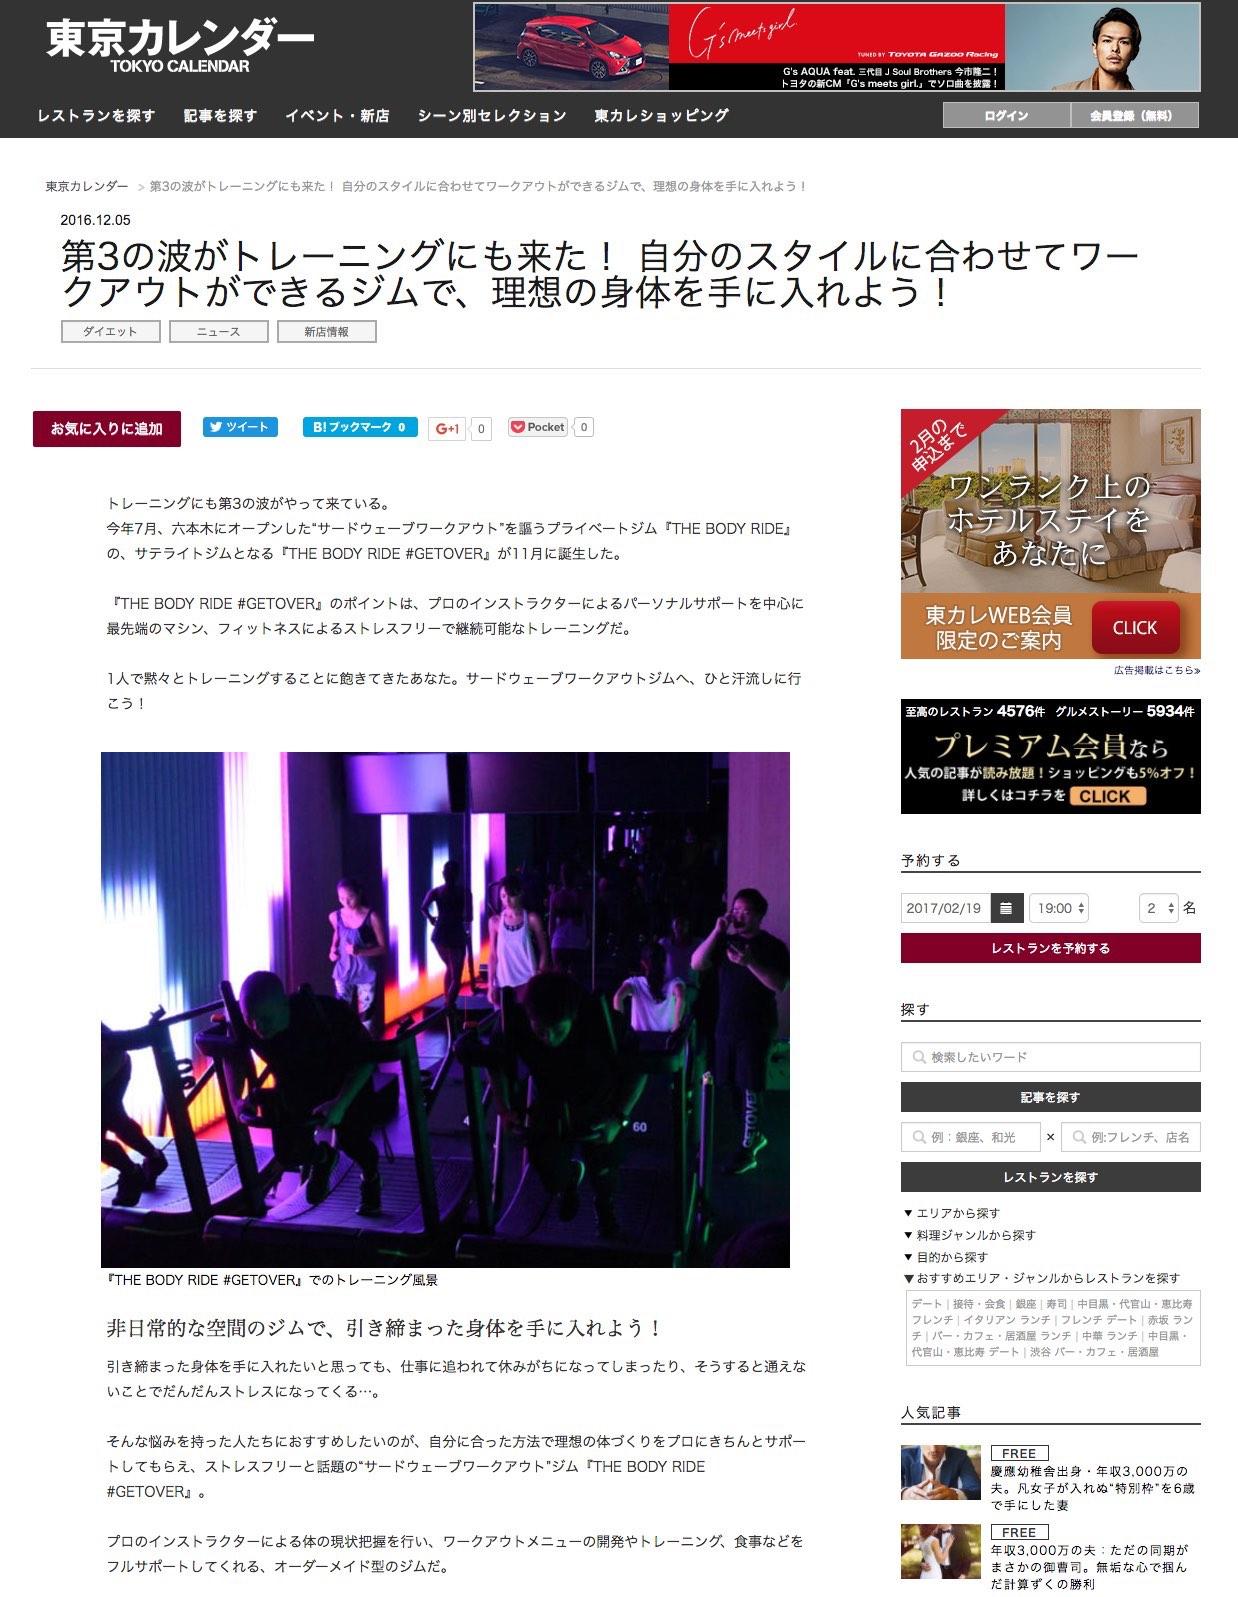 161205_東京カレンダーR